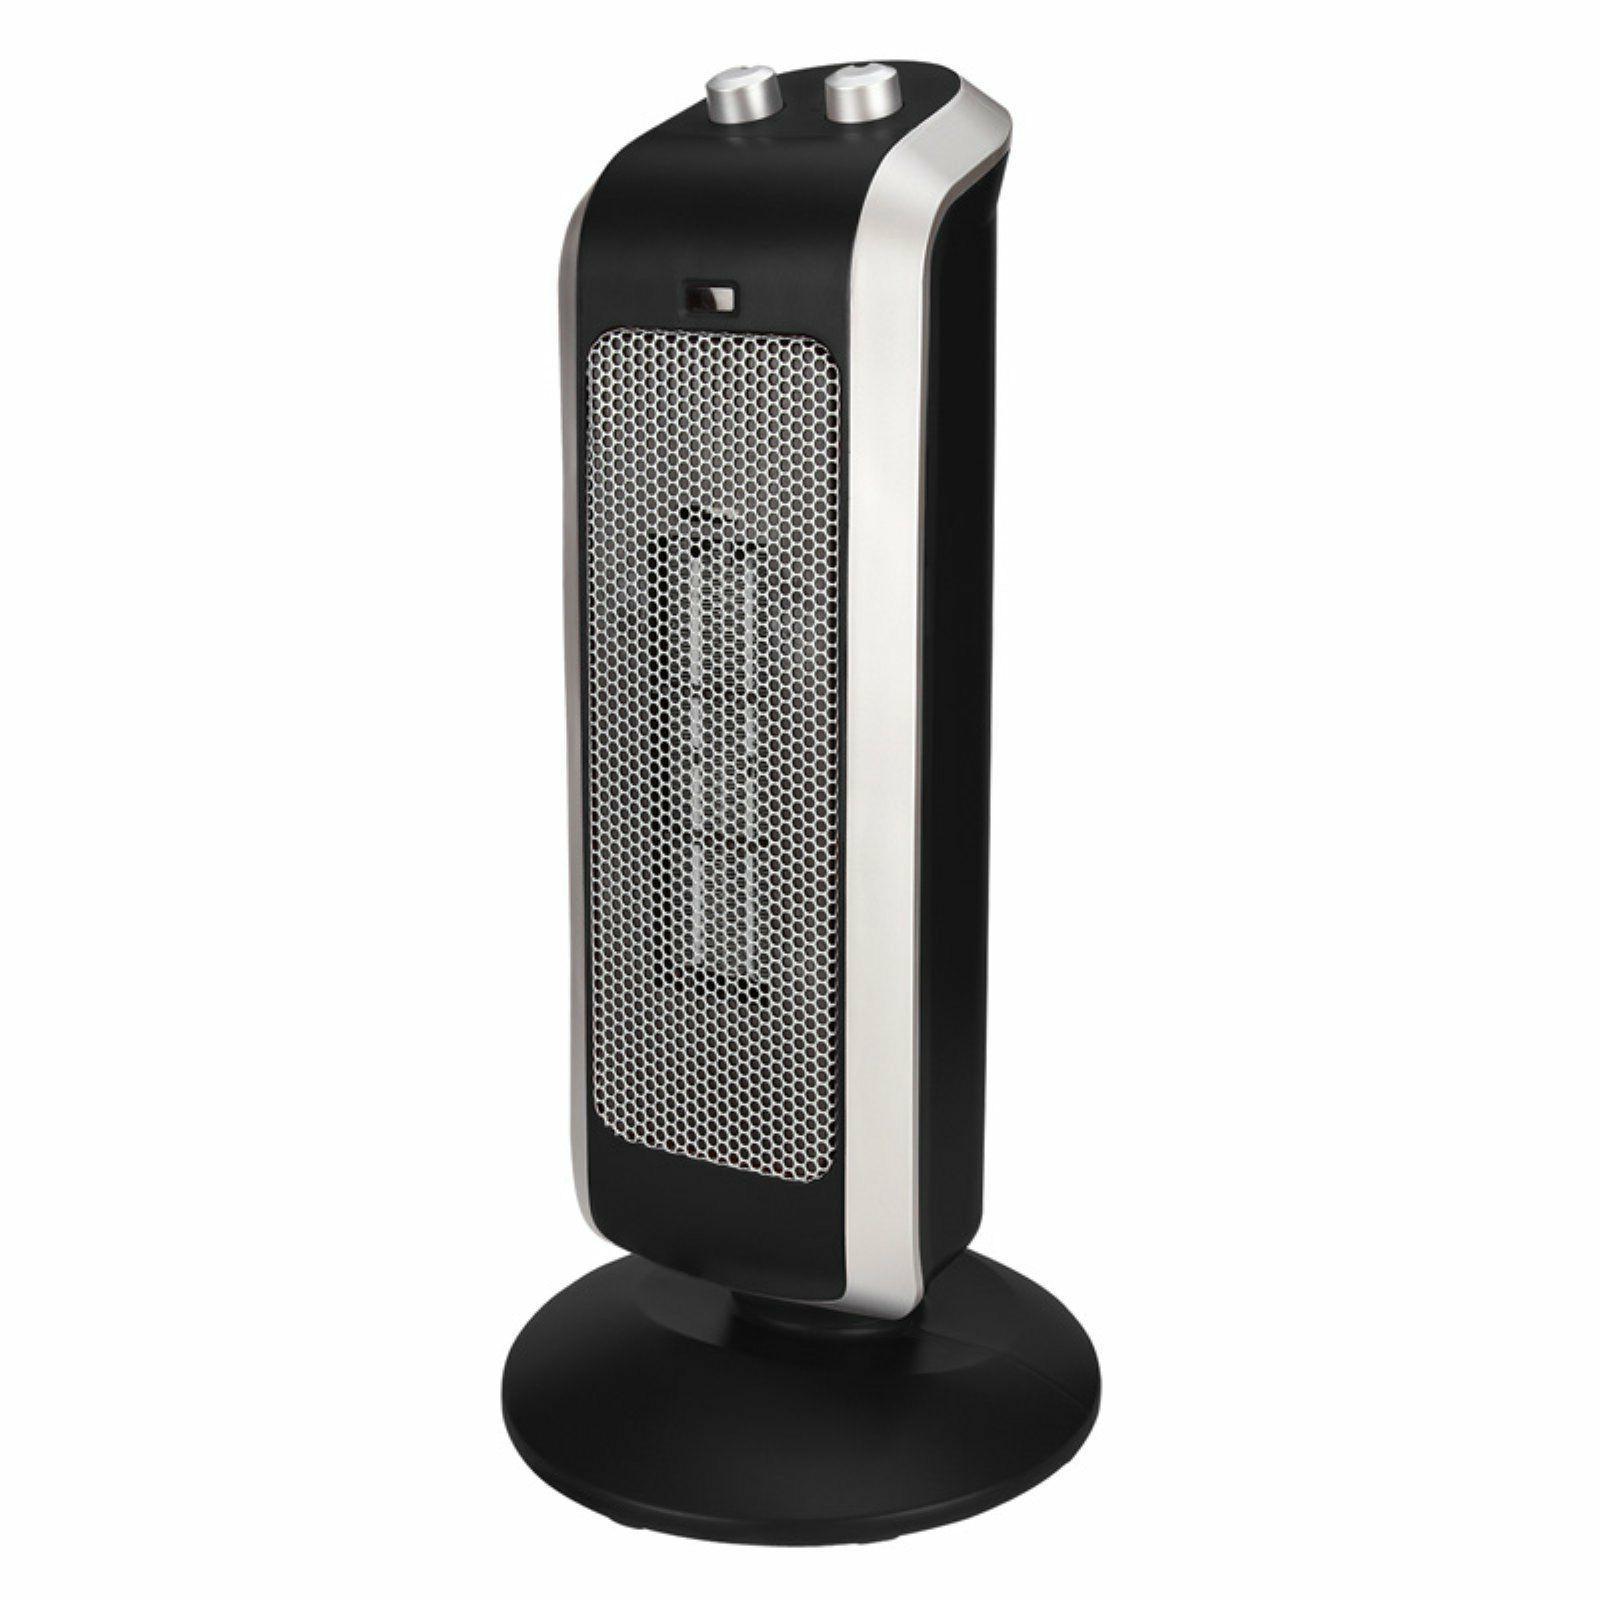 Crane Personal Space Heater Mini Ceramic Tower Heater, 3 Set